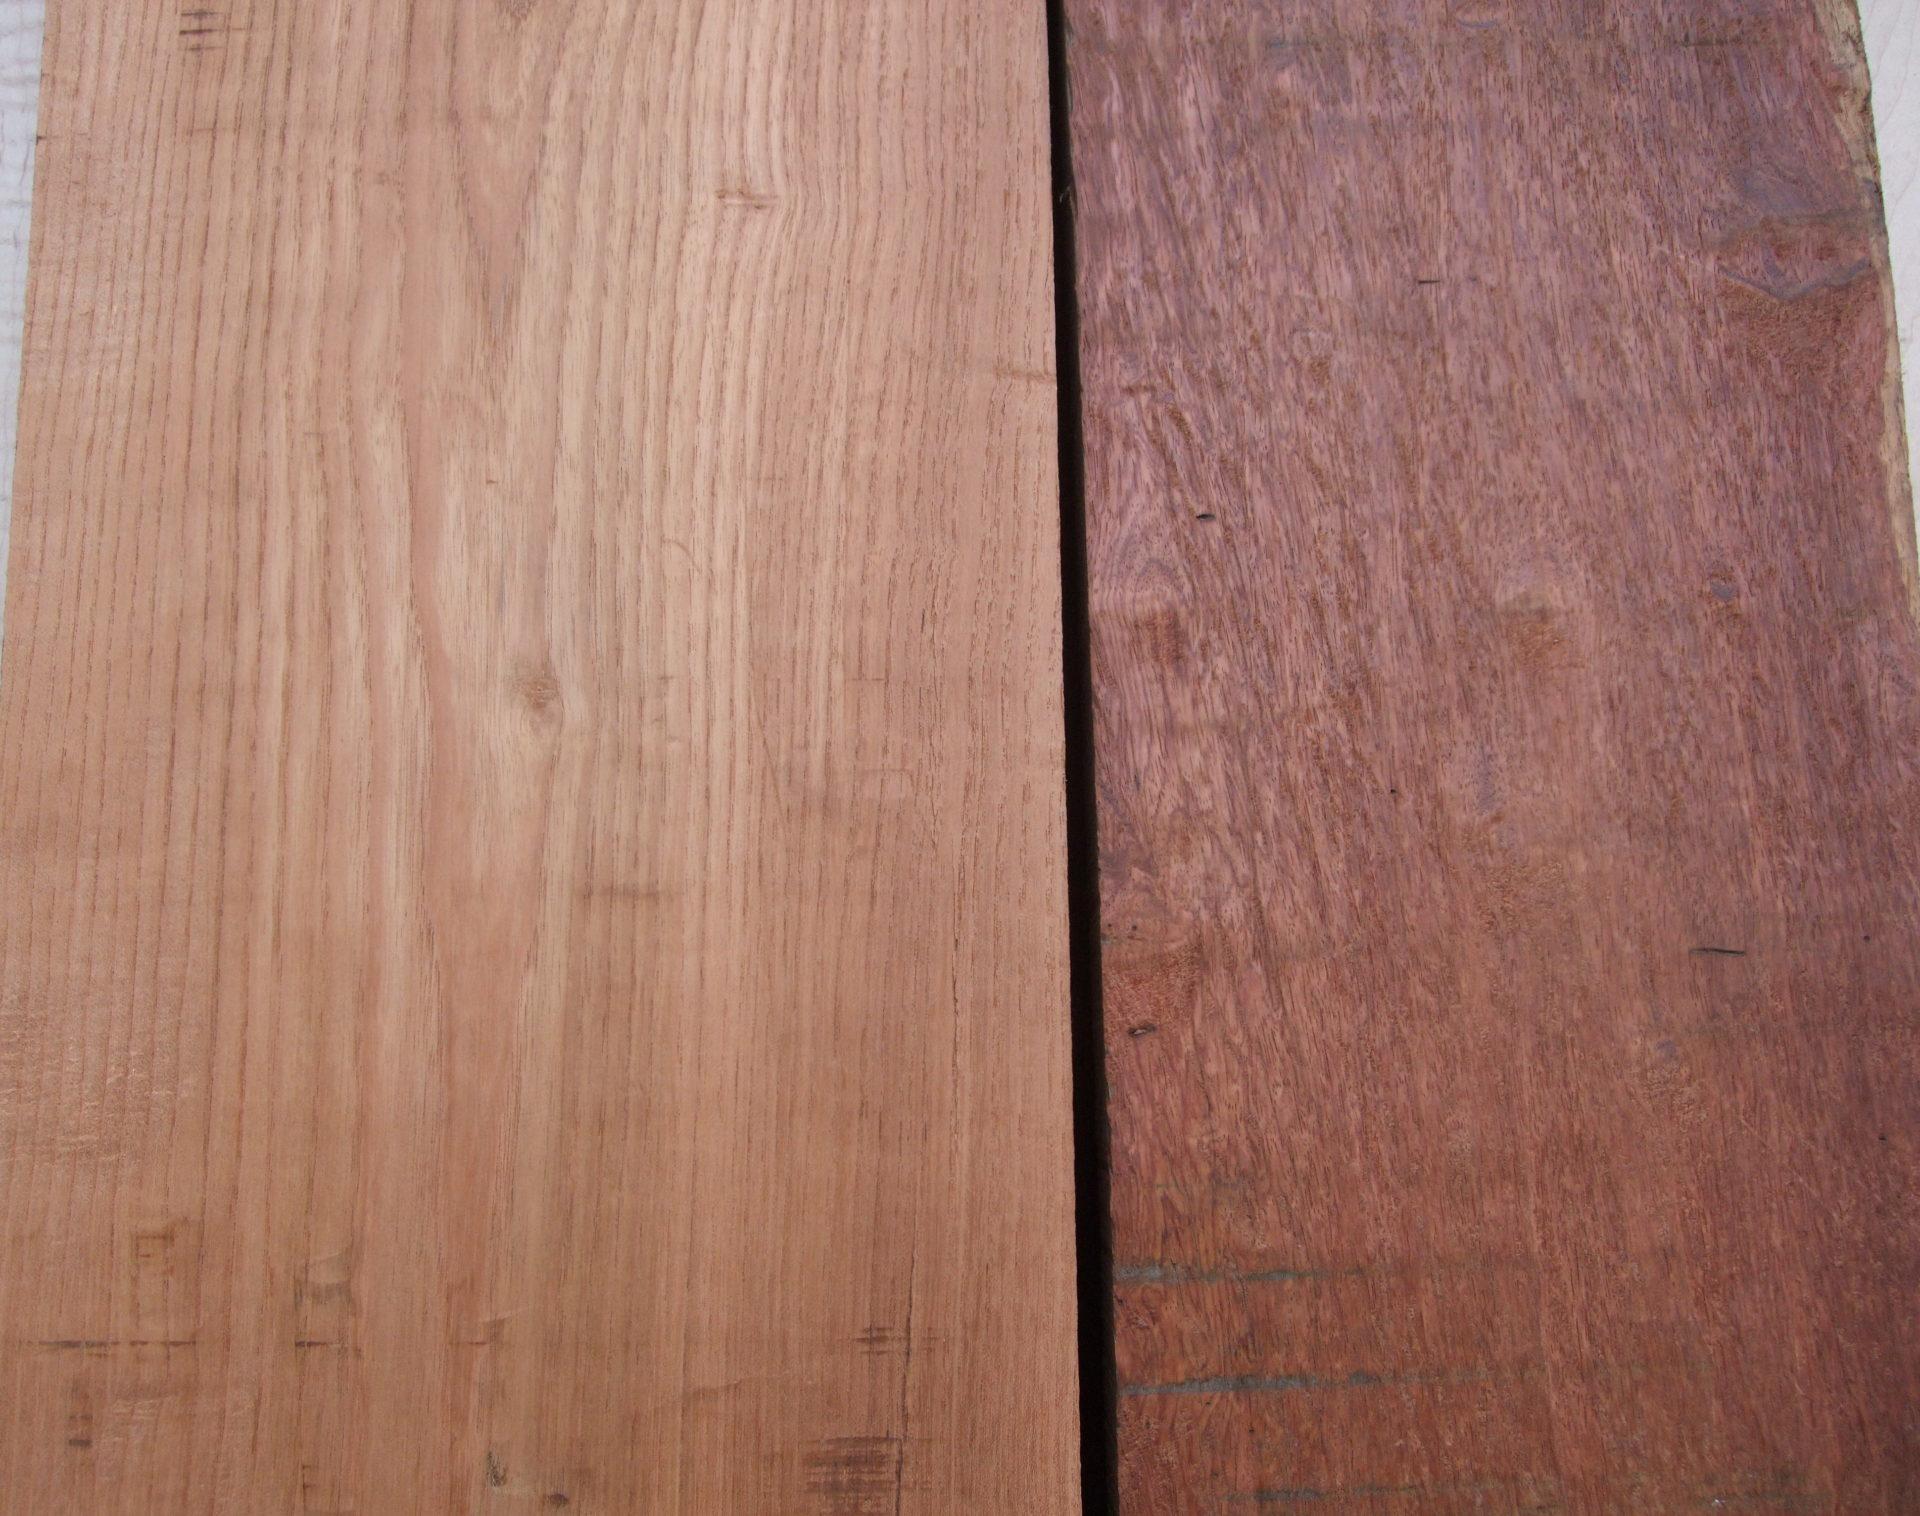 ケンポナシ材とカリン材